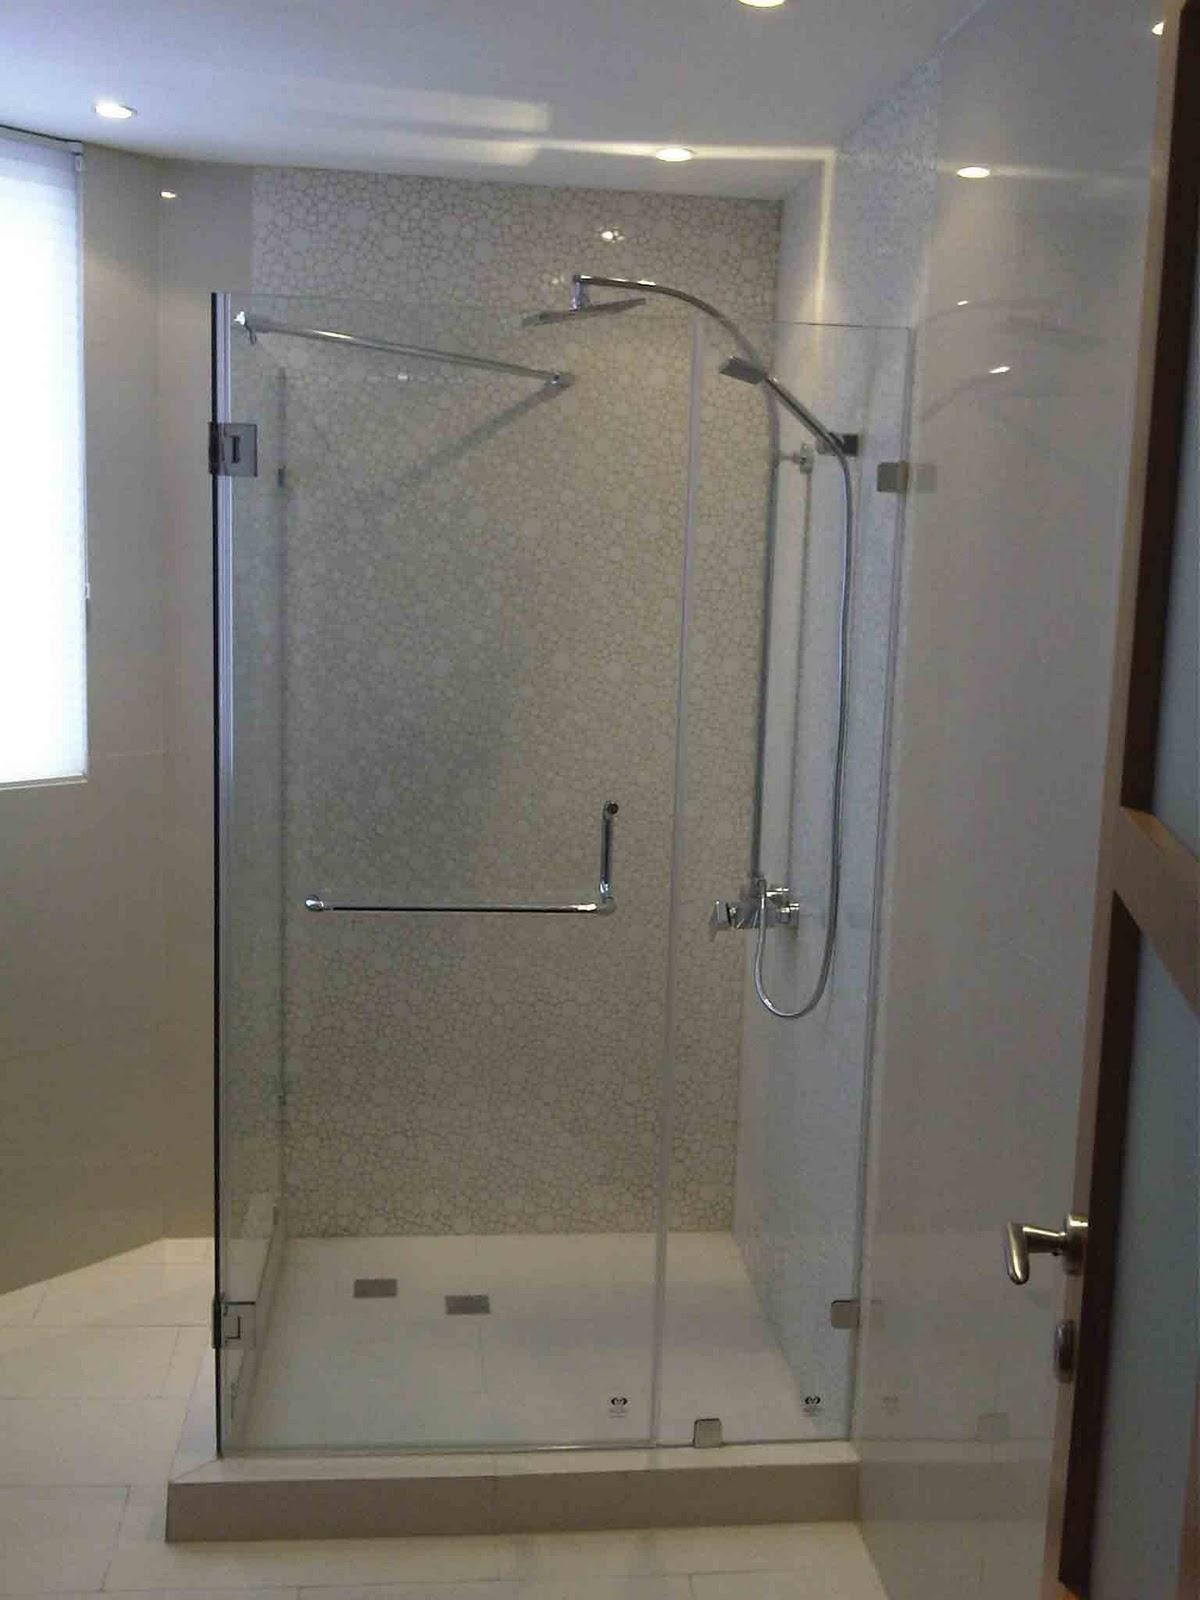 Imagenes de puertas para ba o de aluminio - Cristales para banos ...